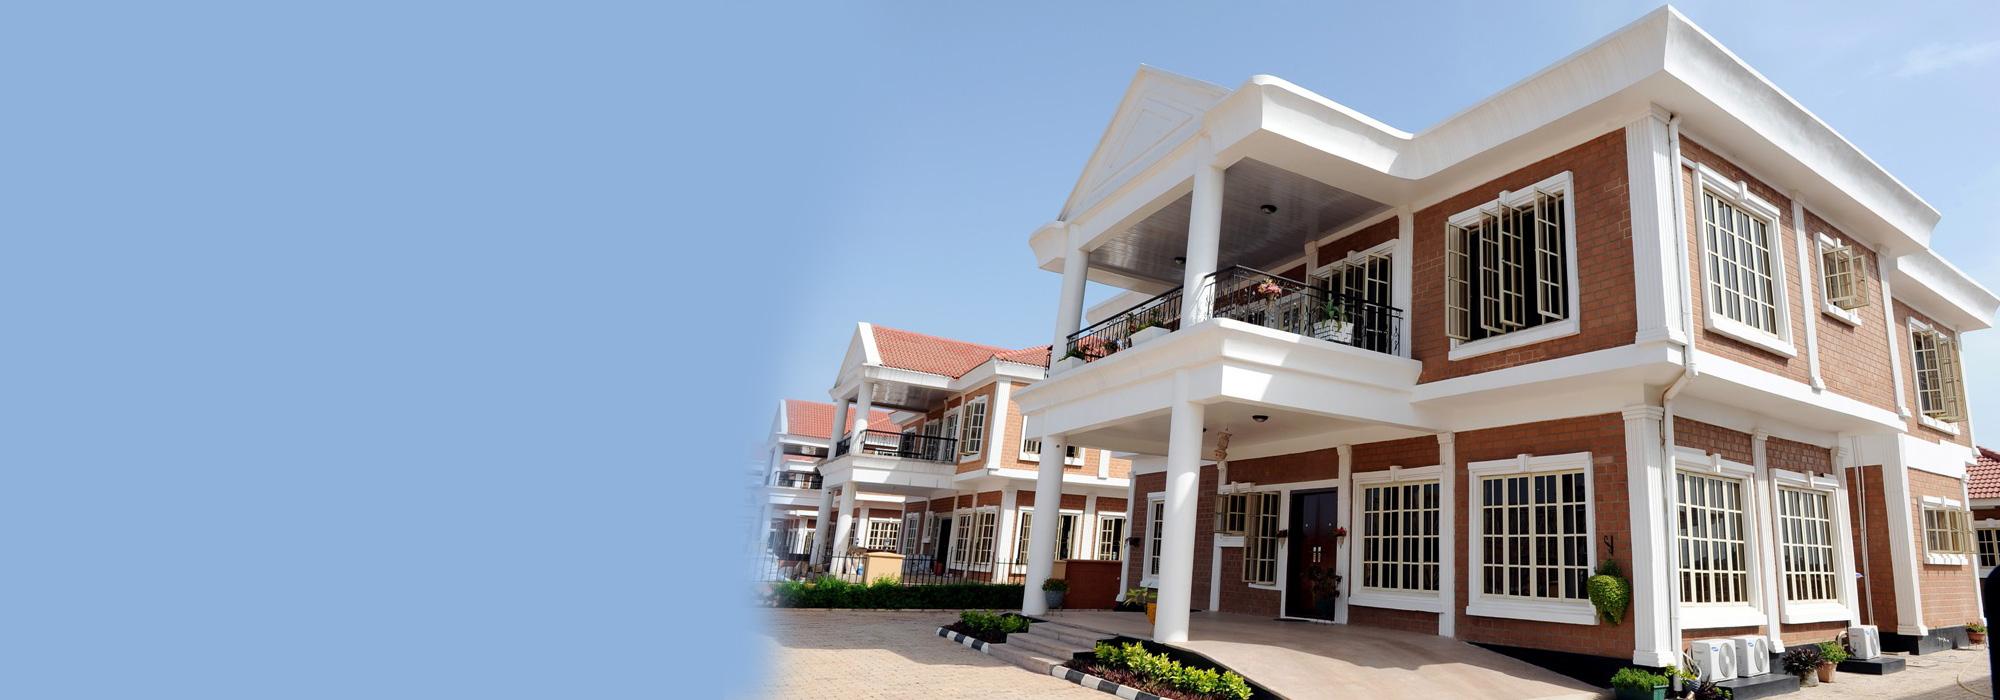 Amen 'Redbrick' Mansions, Lekki Nigeria